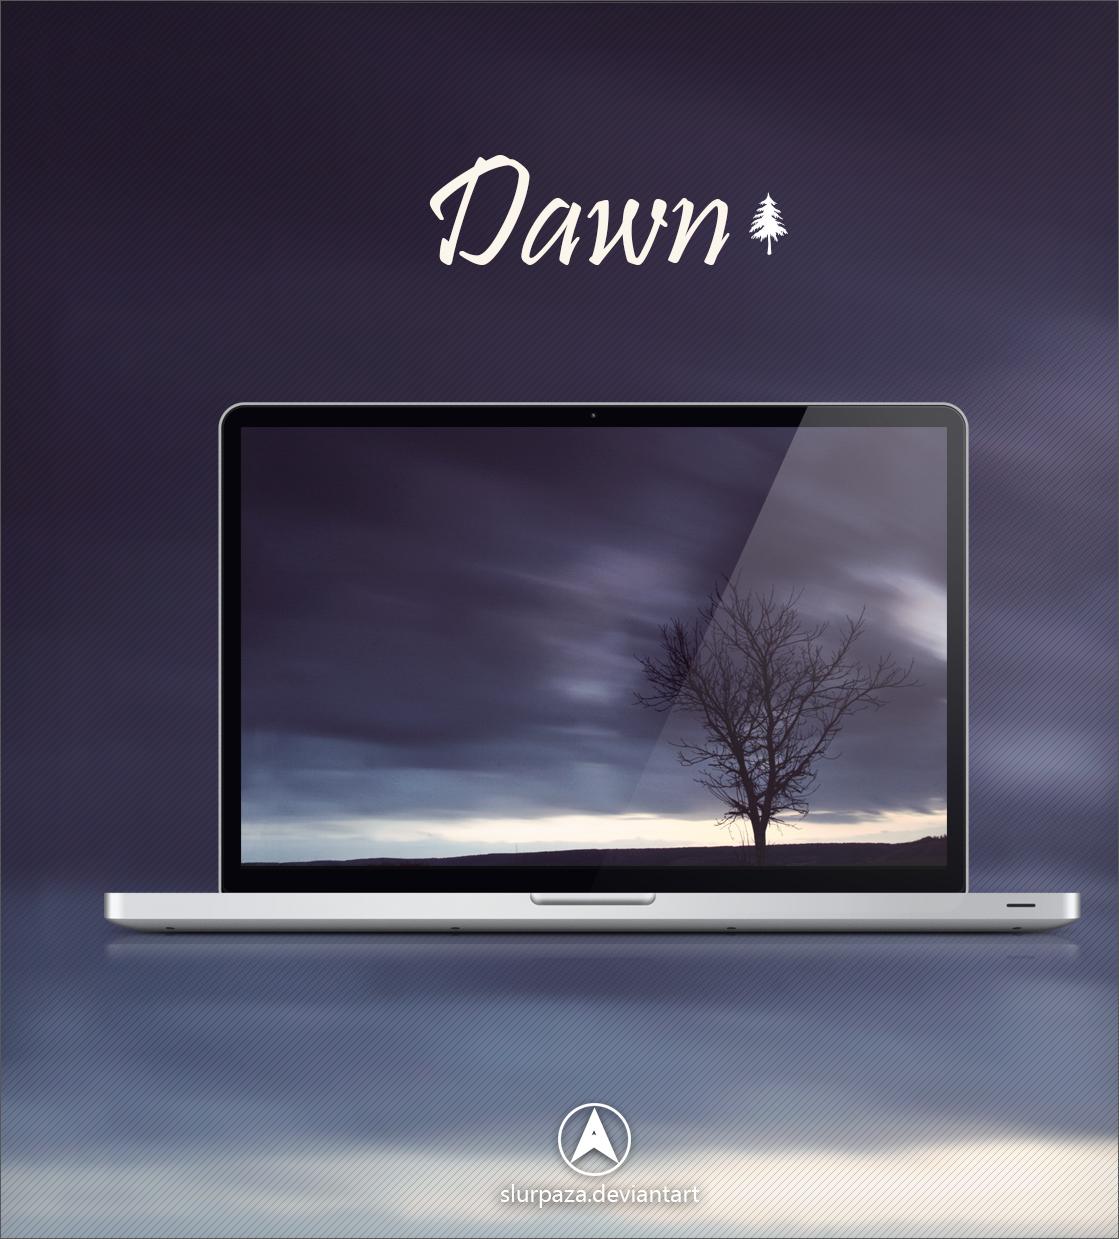 Dawn by Slurpaza